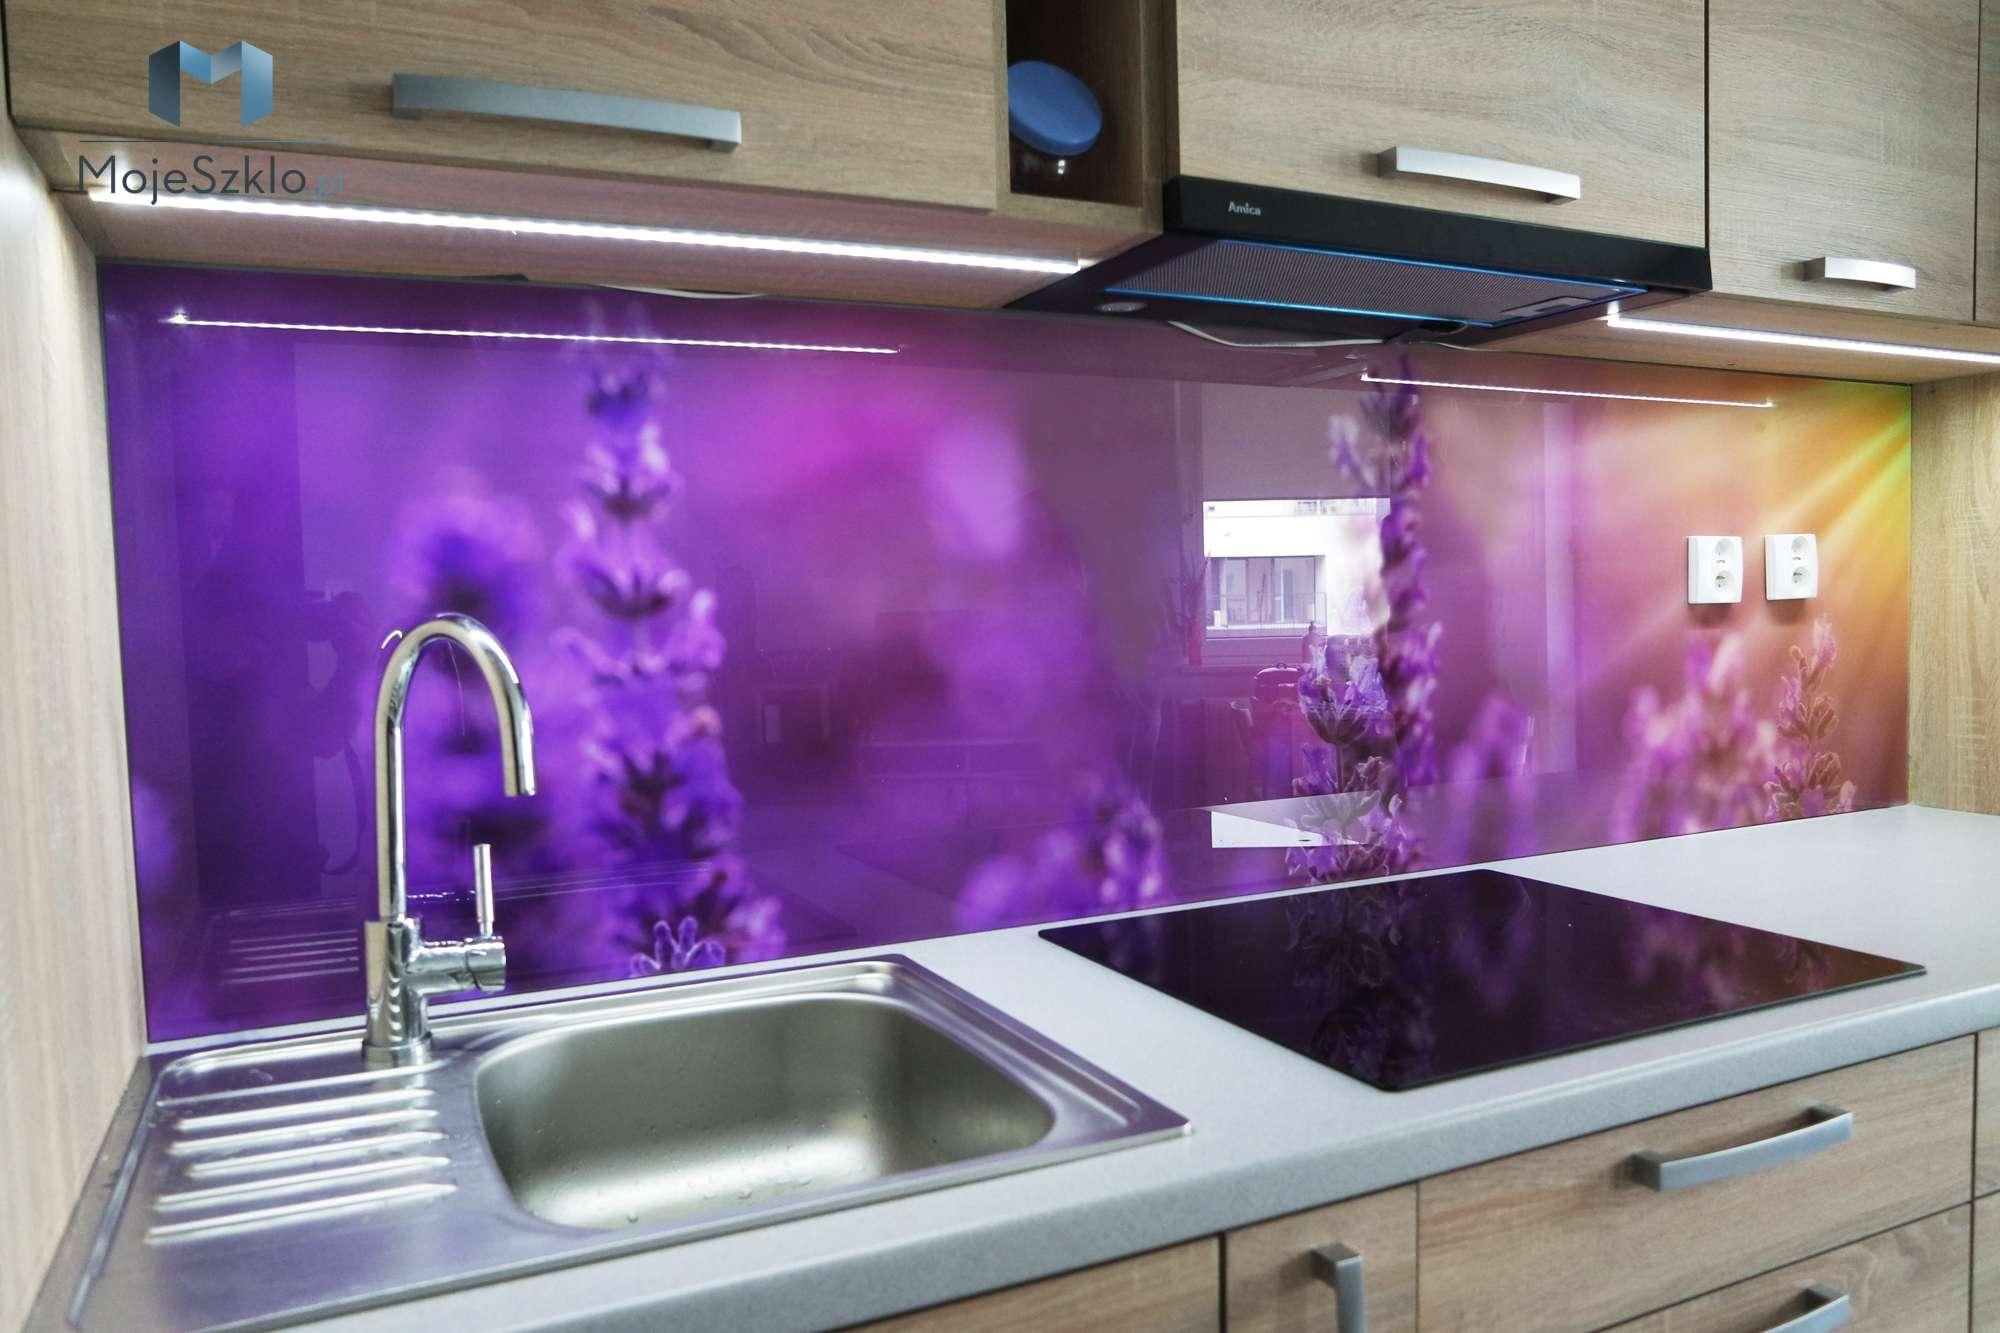 Szyba Do Kuchni Lawenda Slonce - Szkło hartowane lakierowane do kuchni i łazienki